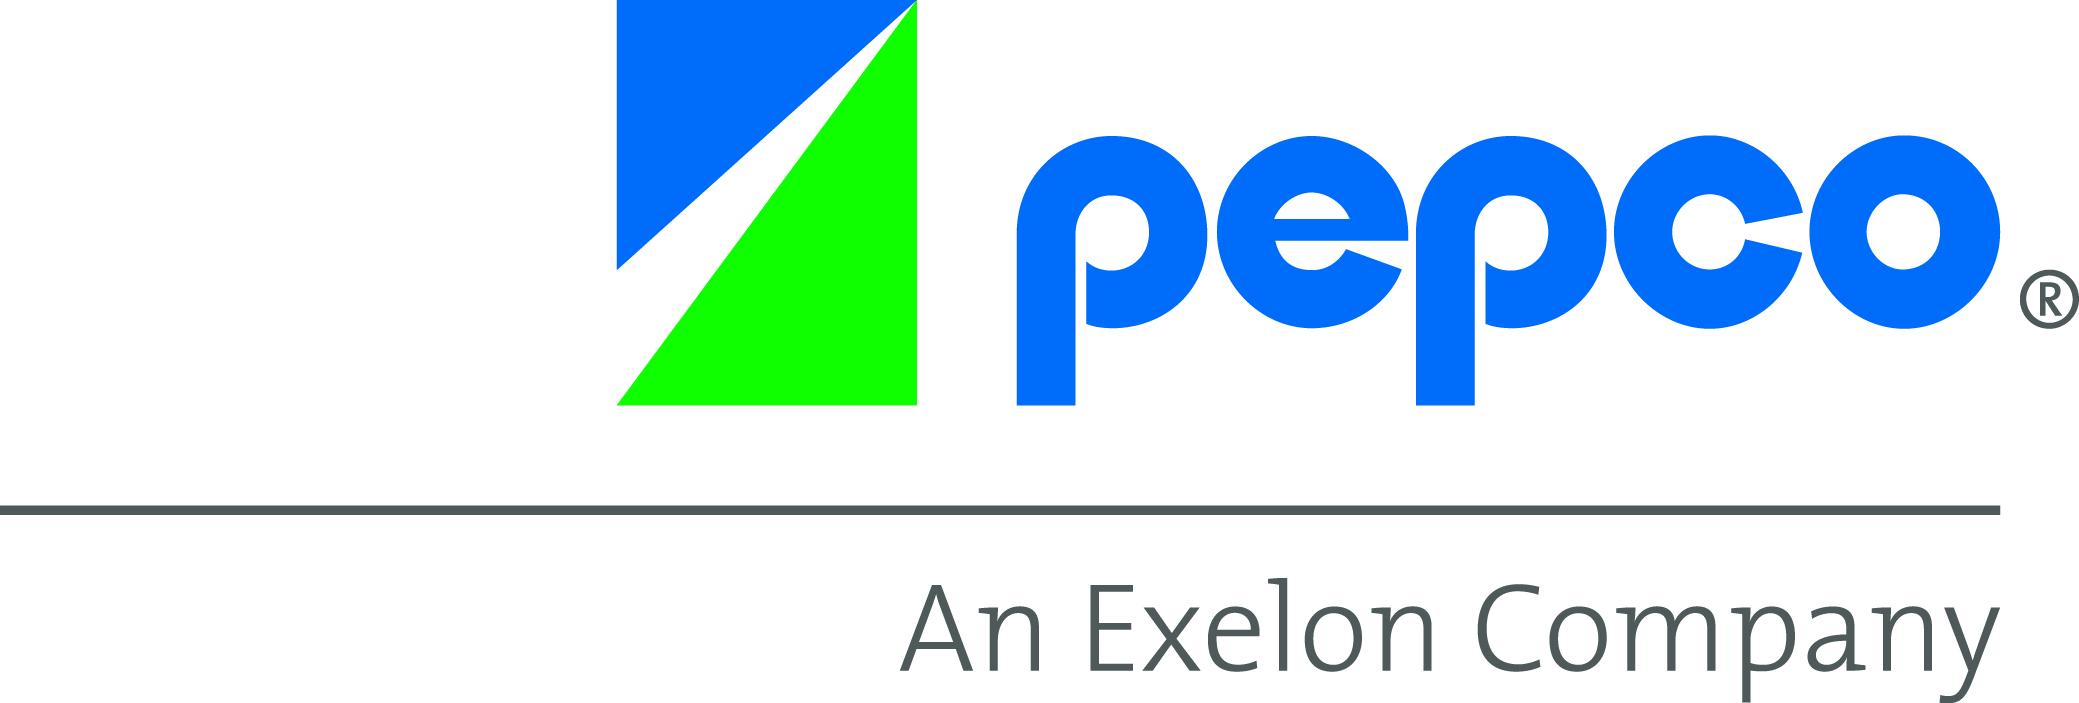 Pepco, An Exelon Company Logo